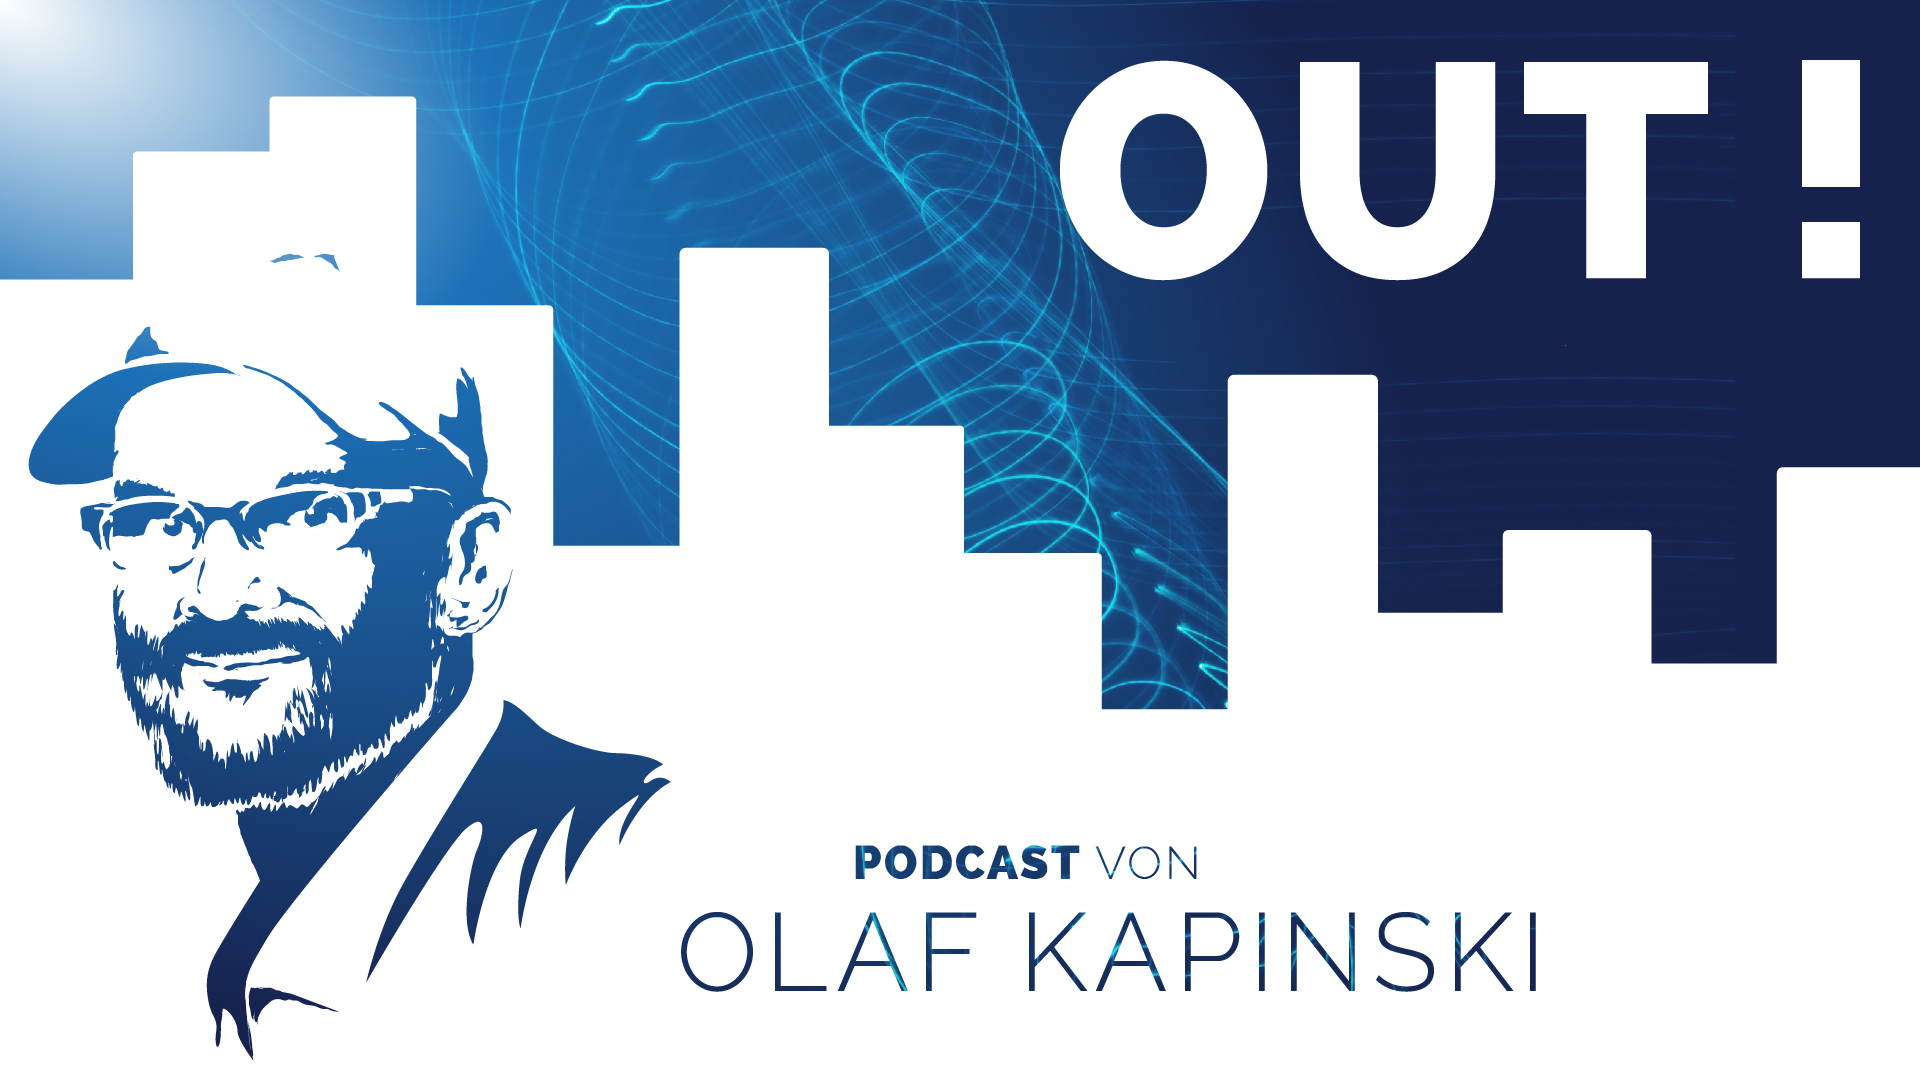 2018-03-30-OLAF KAPINSKI-ID-02 OUT-youtube screen